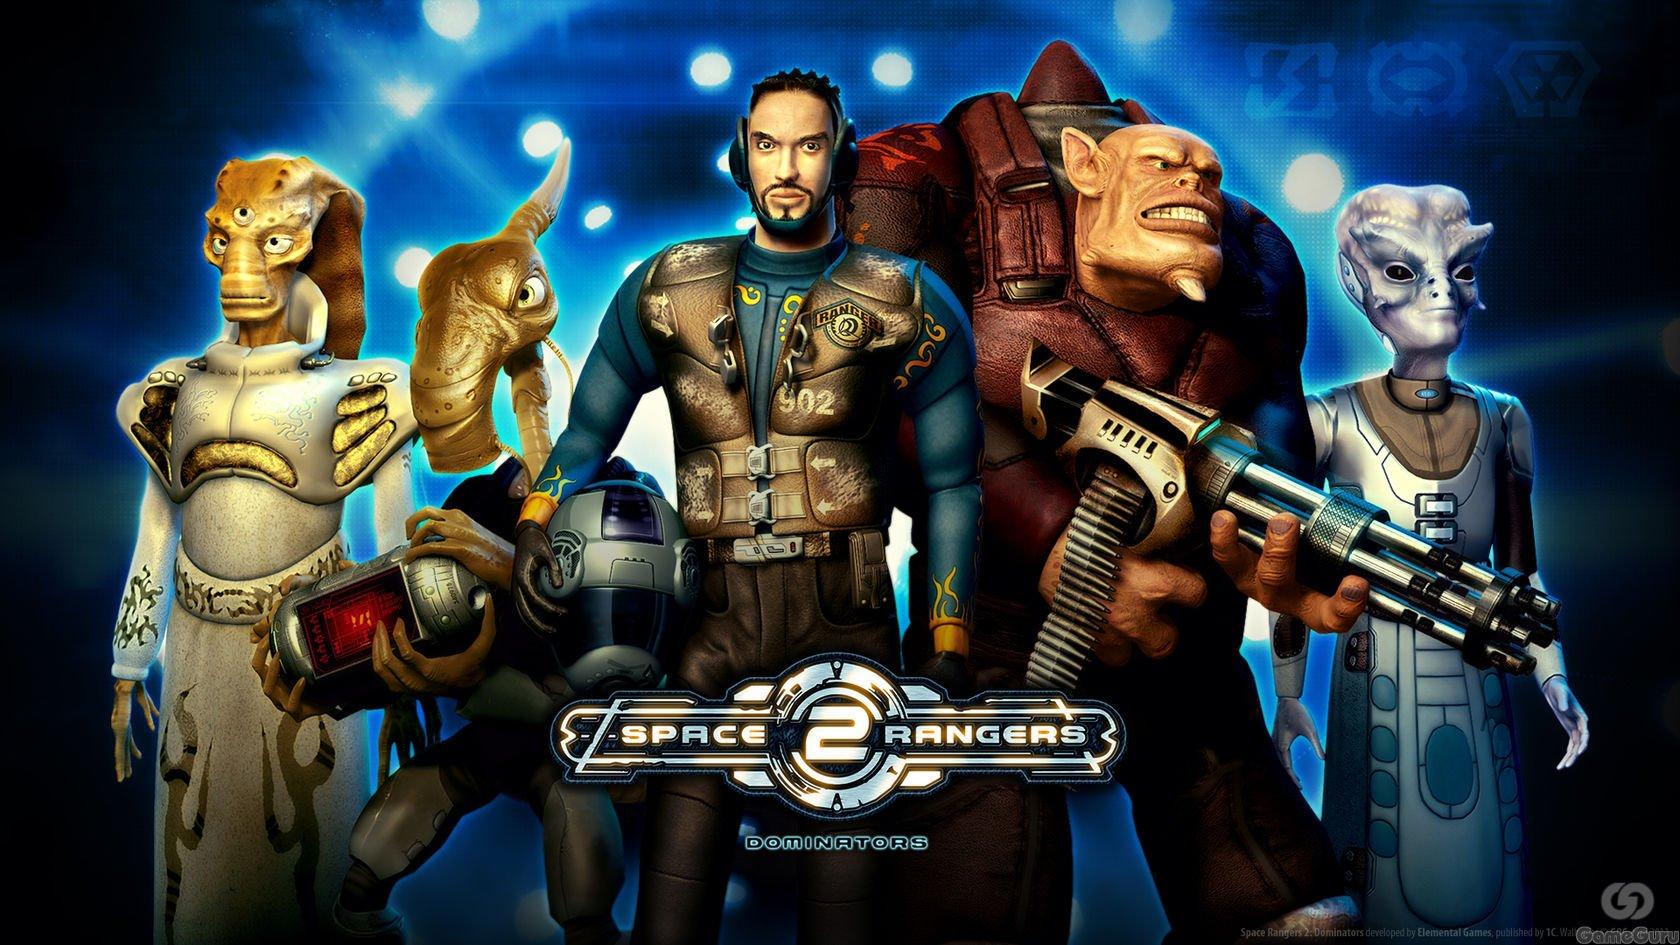 Бессмертная классика как гордость Российского игропрома. Space Rangers HD: A War Apart. - Изображение 1